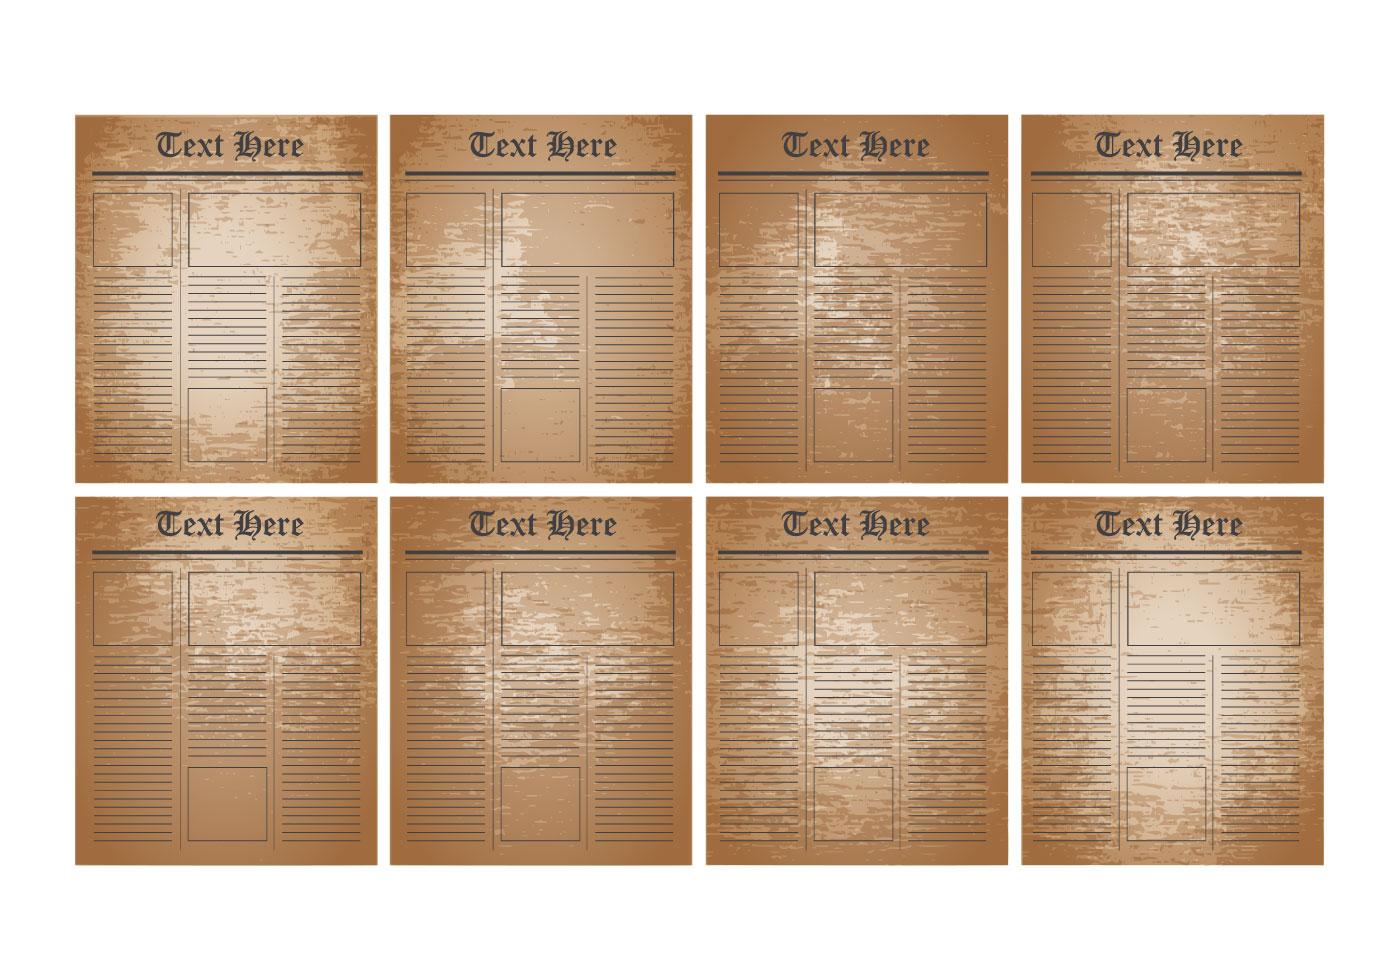 Vector libre Plantilla periódico viejo - Descargue Gráficos y ...